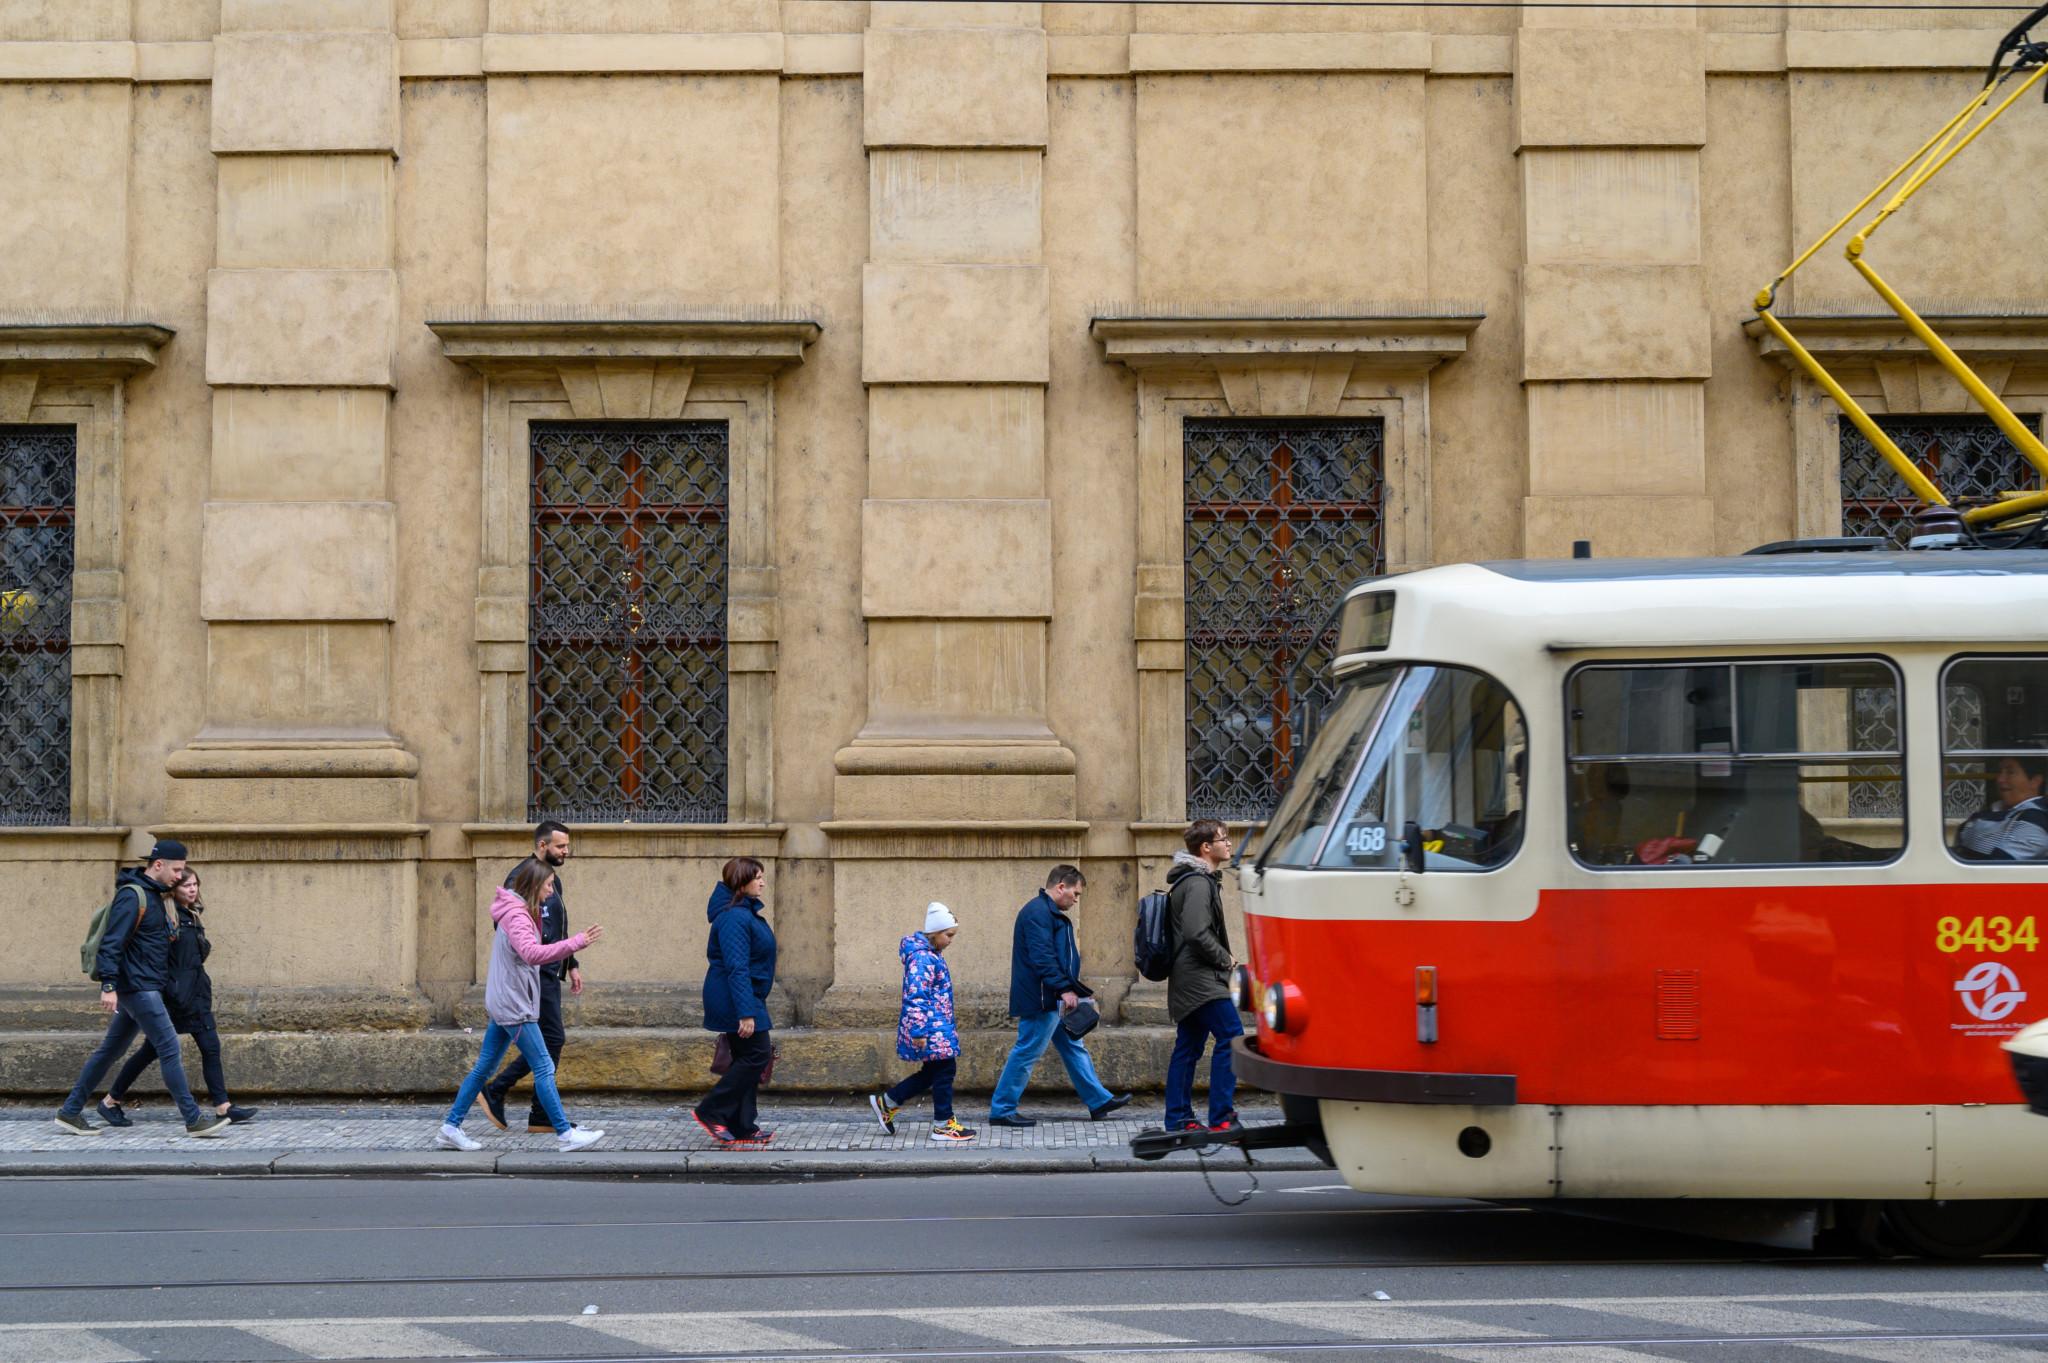 Zu unseren Prag Insider Tipps gehört sicher auch die Fahrt mit der Straßenbahn